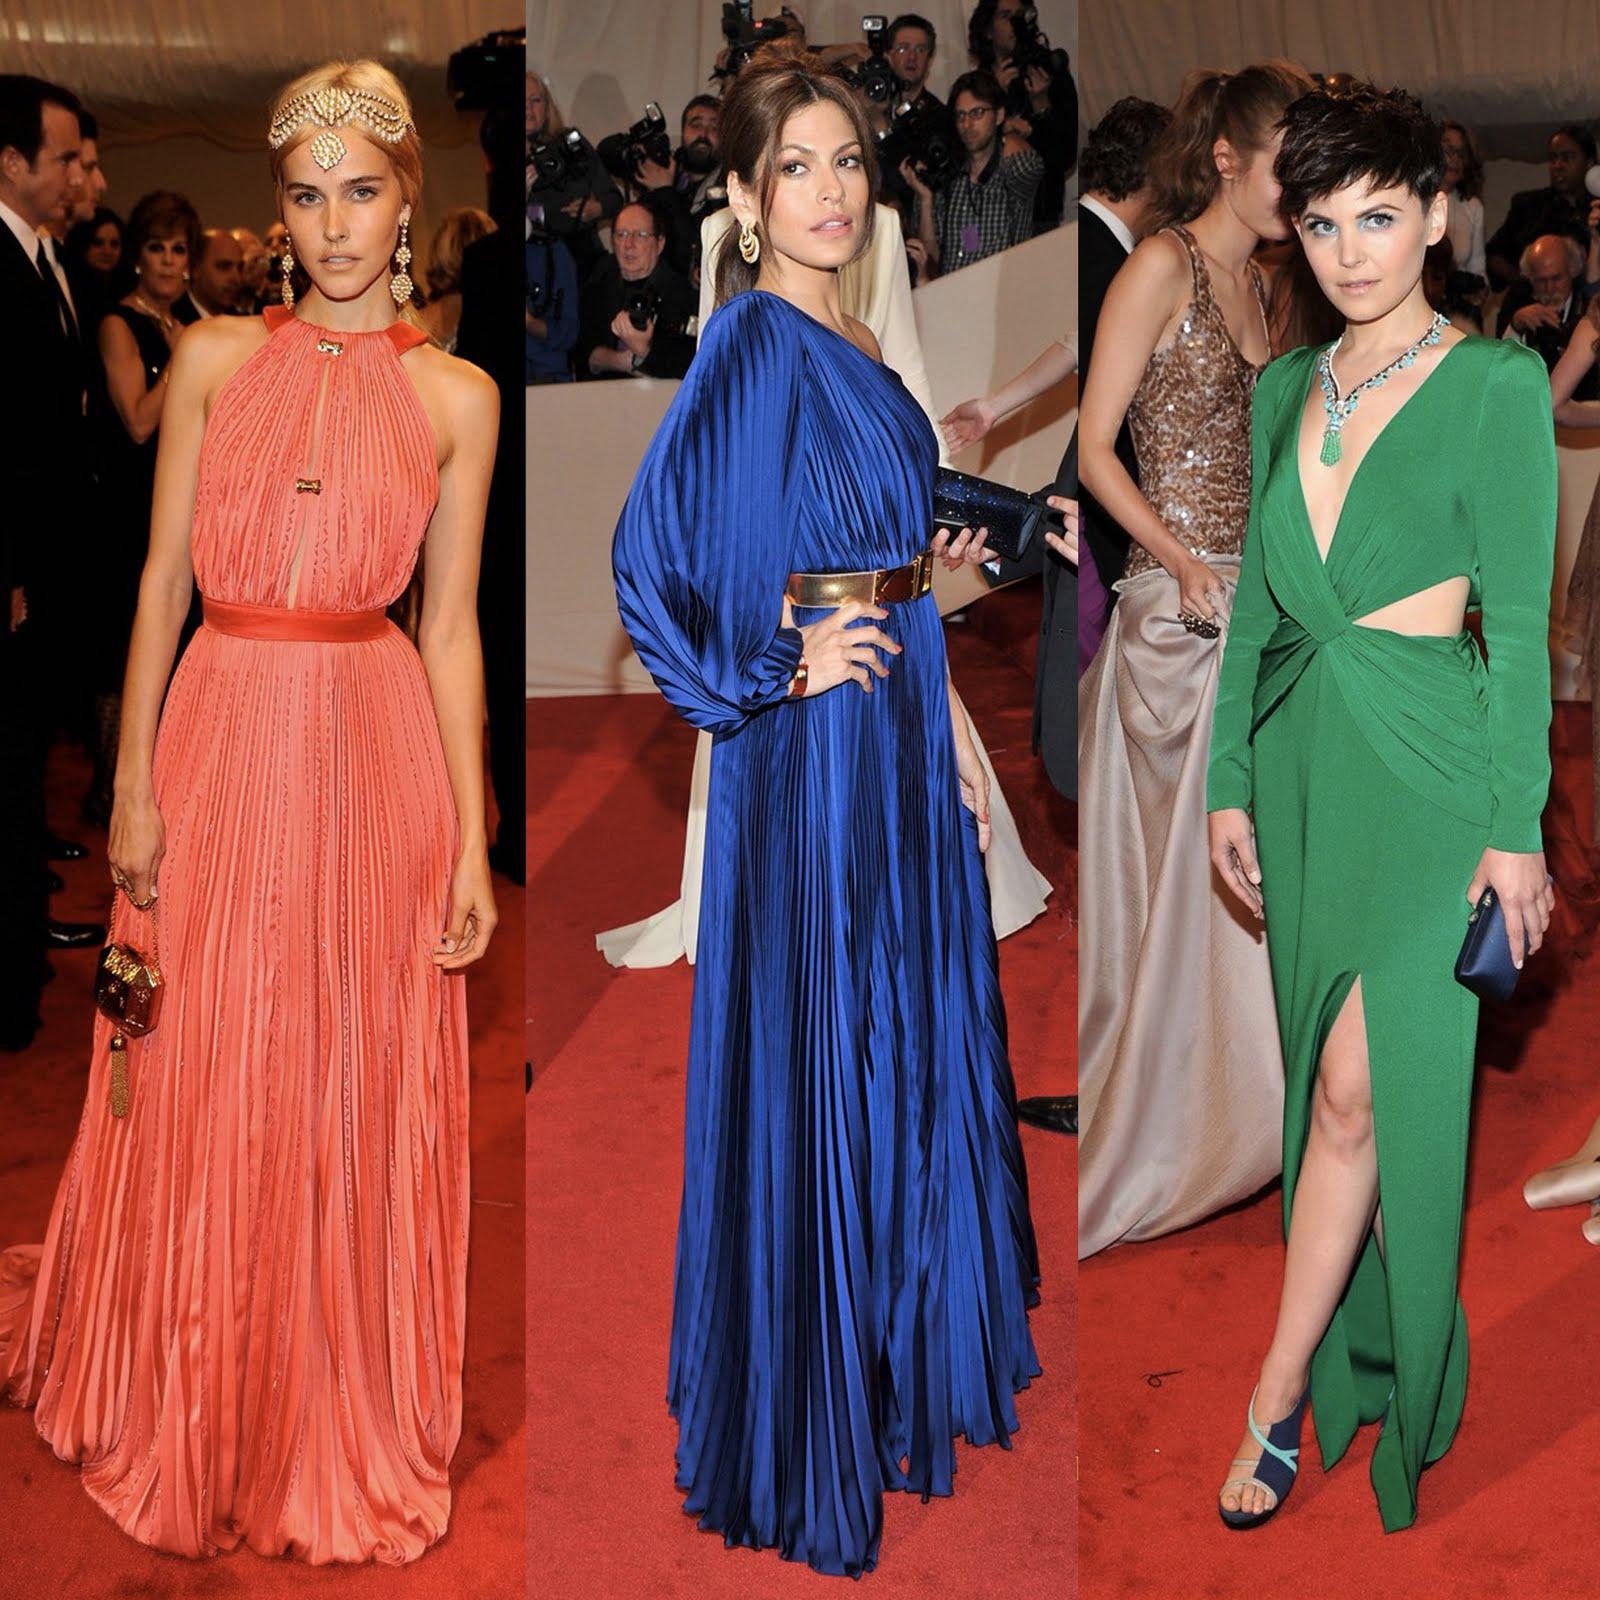 http://2.bp.blogspot.com/-Q77QC0f9t0o/Tb_eyN__OSI/AAAAAAAAD8E/-2gYtvIxaRY/s1600/Met+Ball+gala+by+Jadore-fashion.jpg